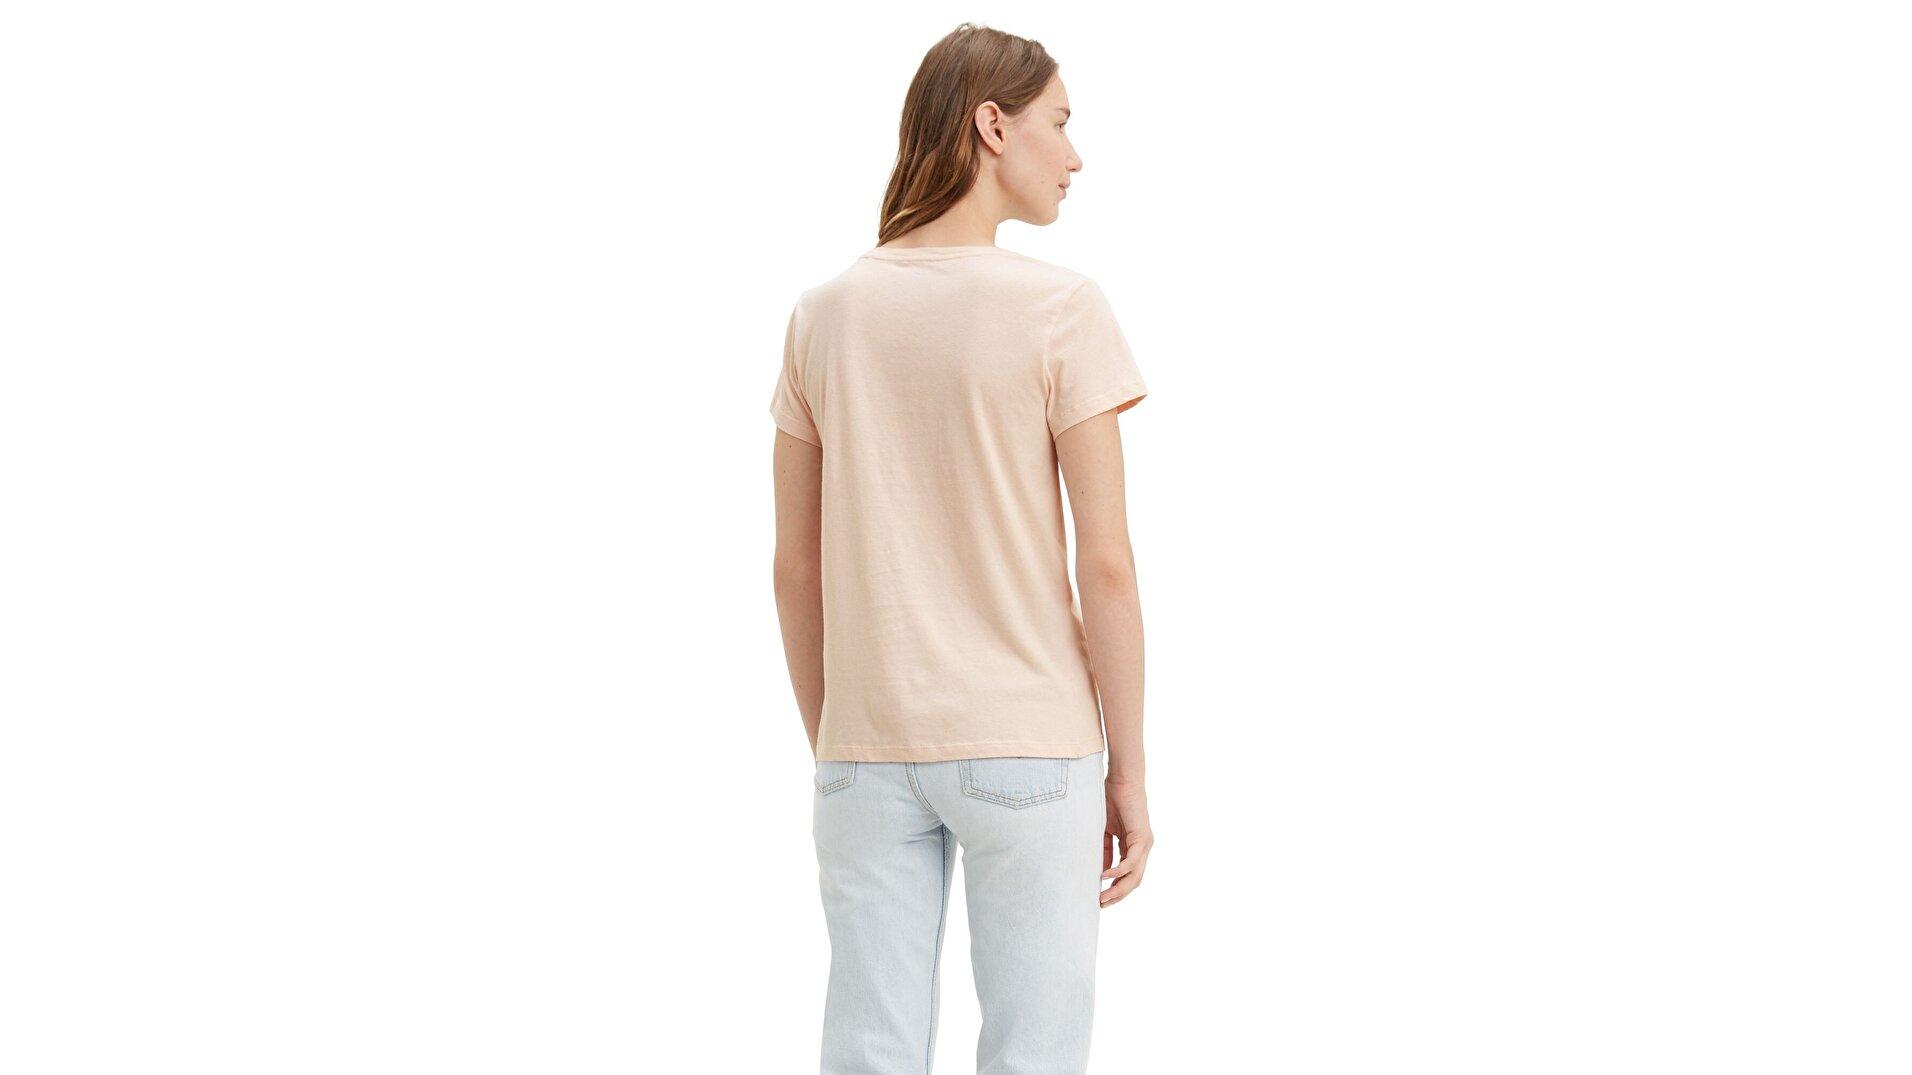 The Perfect Tee Cali Sportswear Kırmızı Kadın Tişört